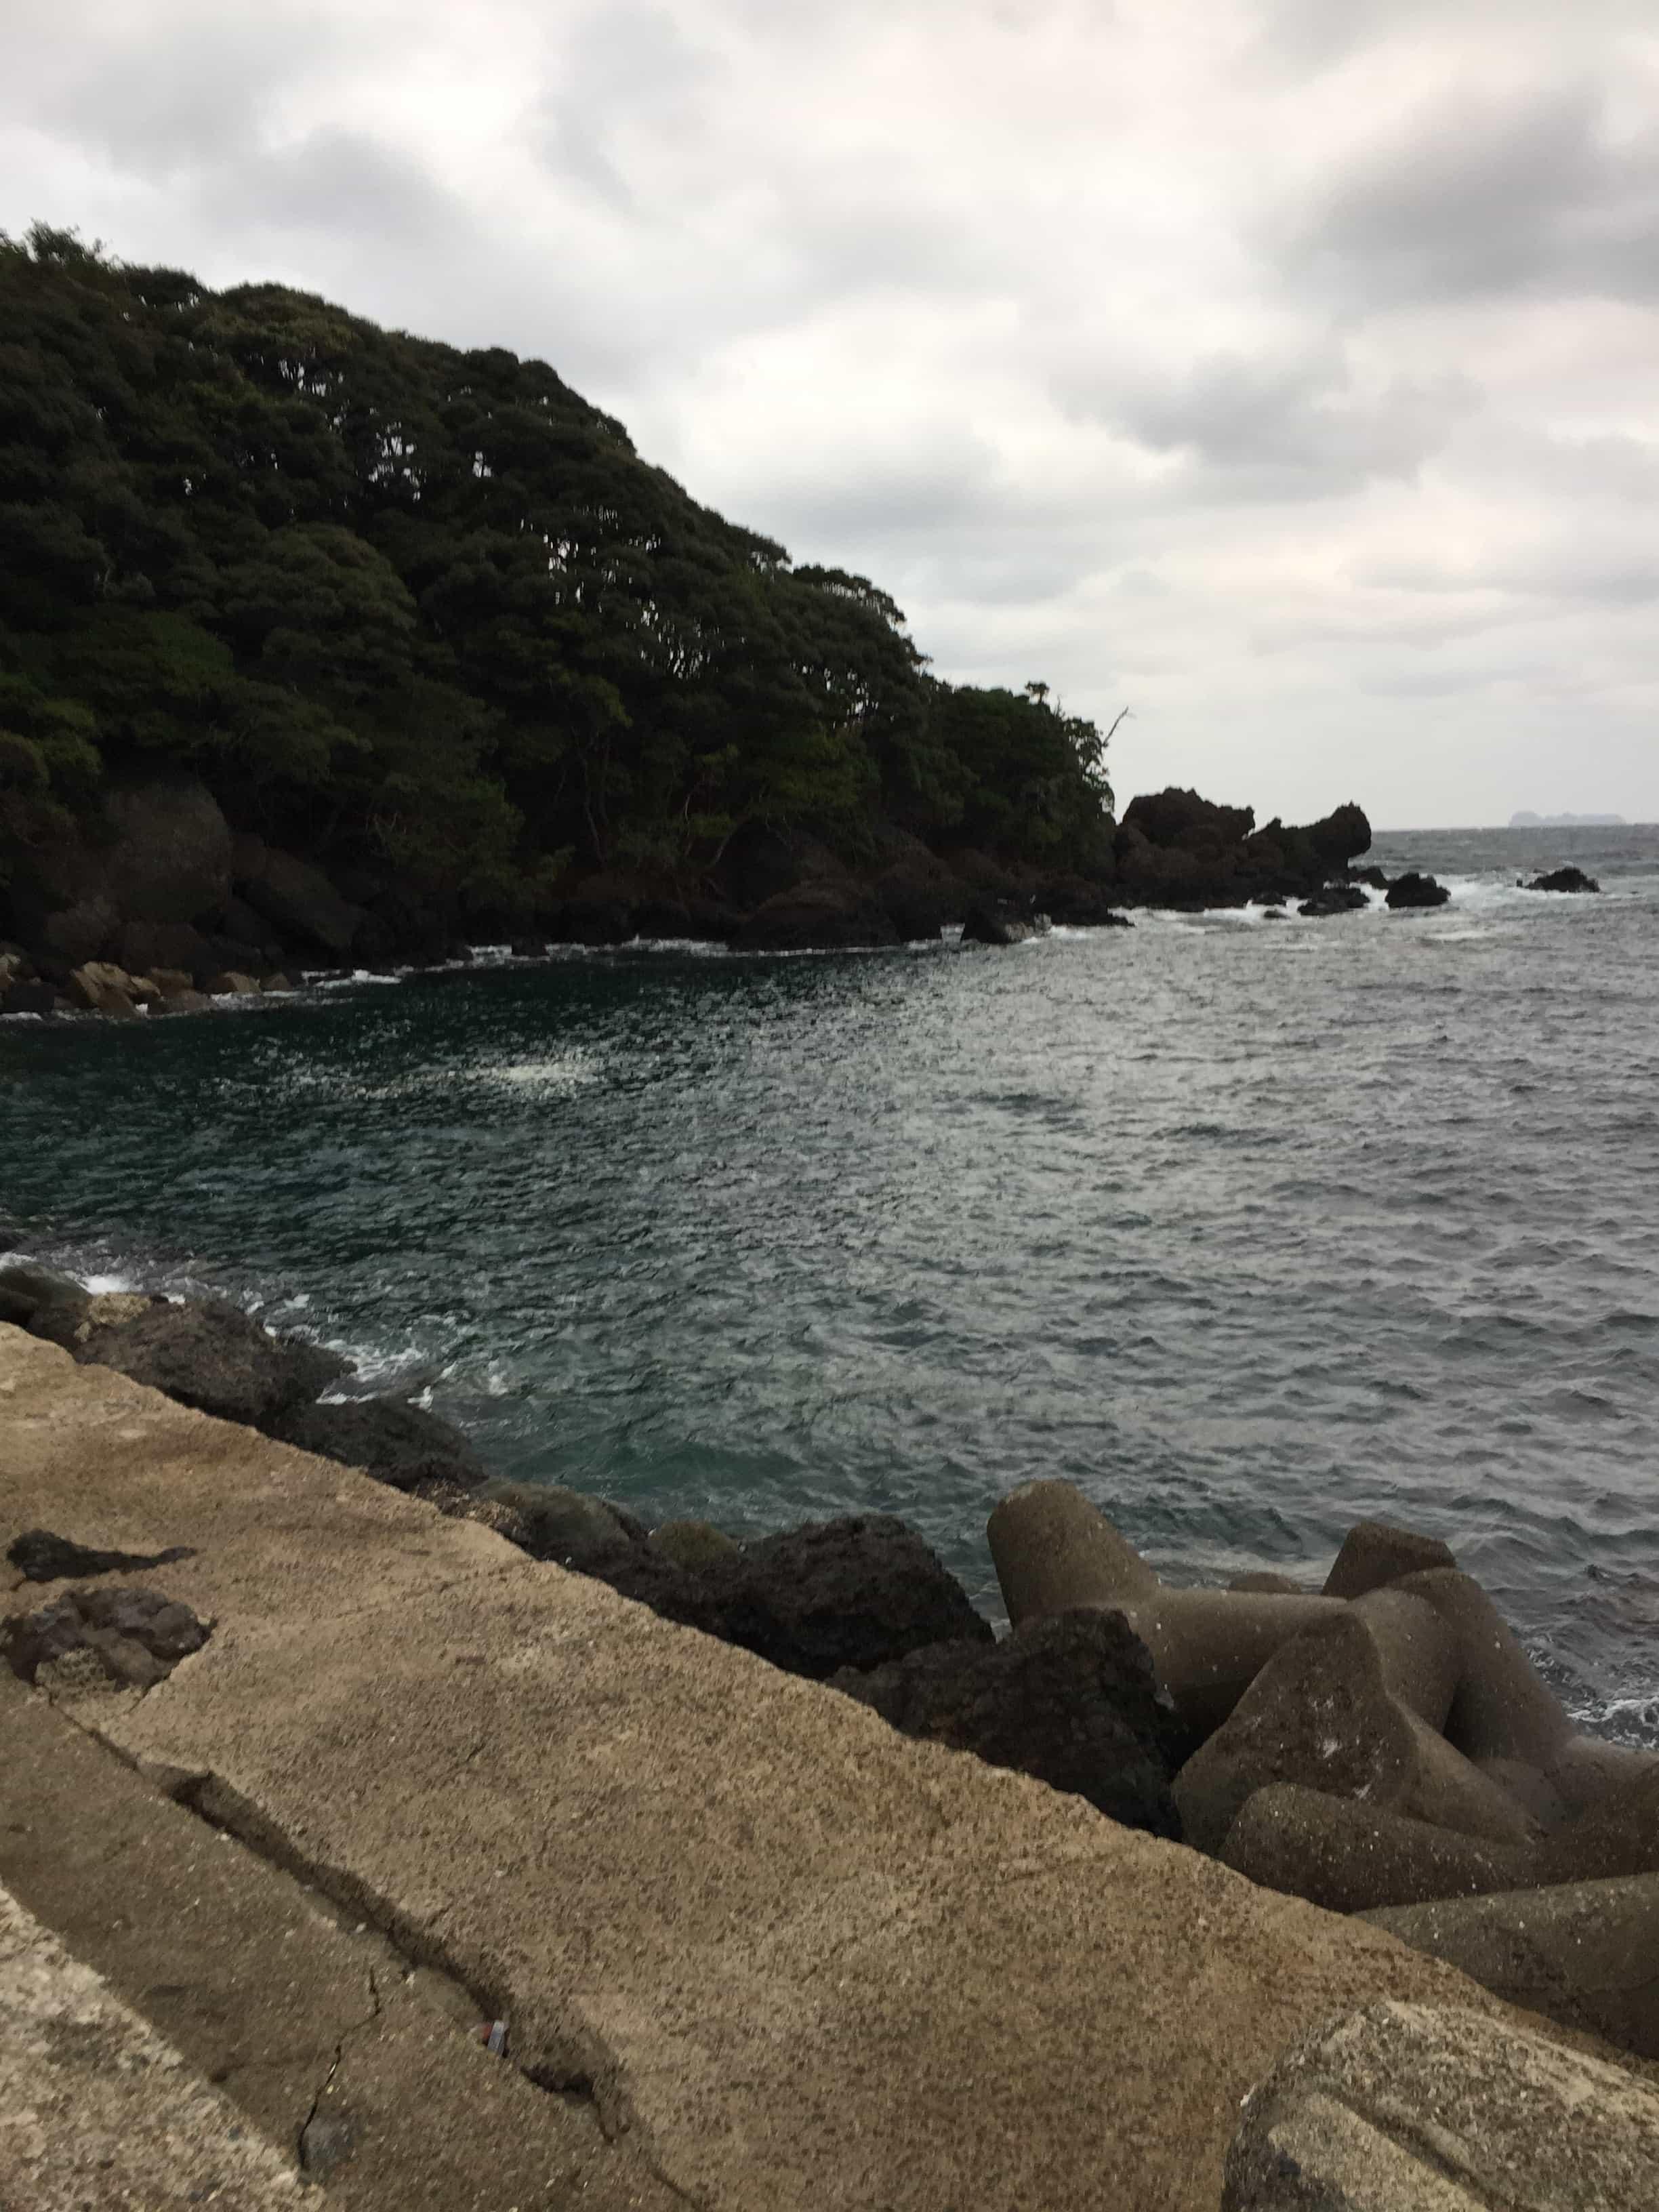 新井崎漁港の釣り場紹介(京都伊根)日本海の北西を避けれる濁りに強い漁港